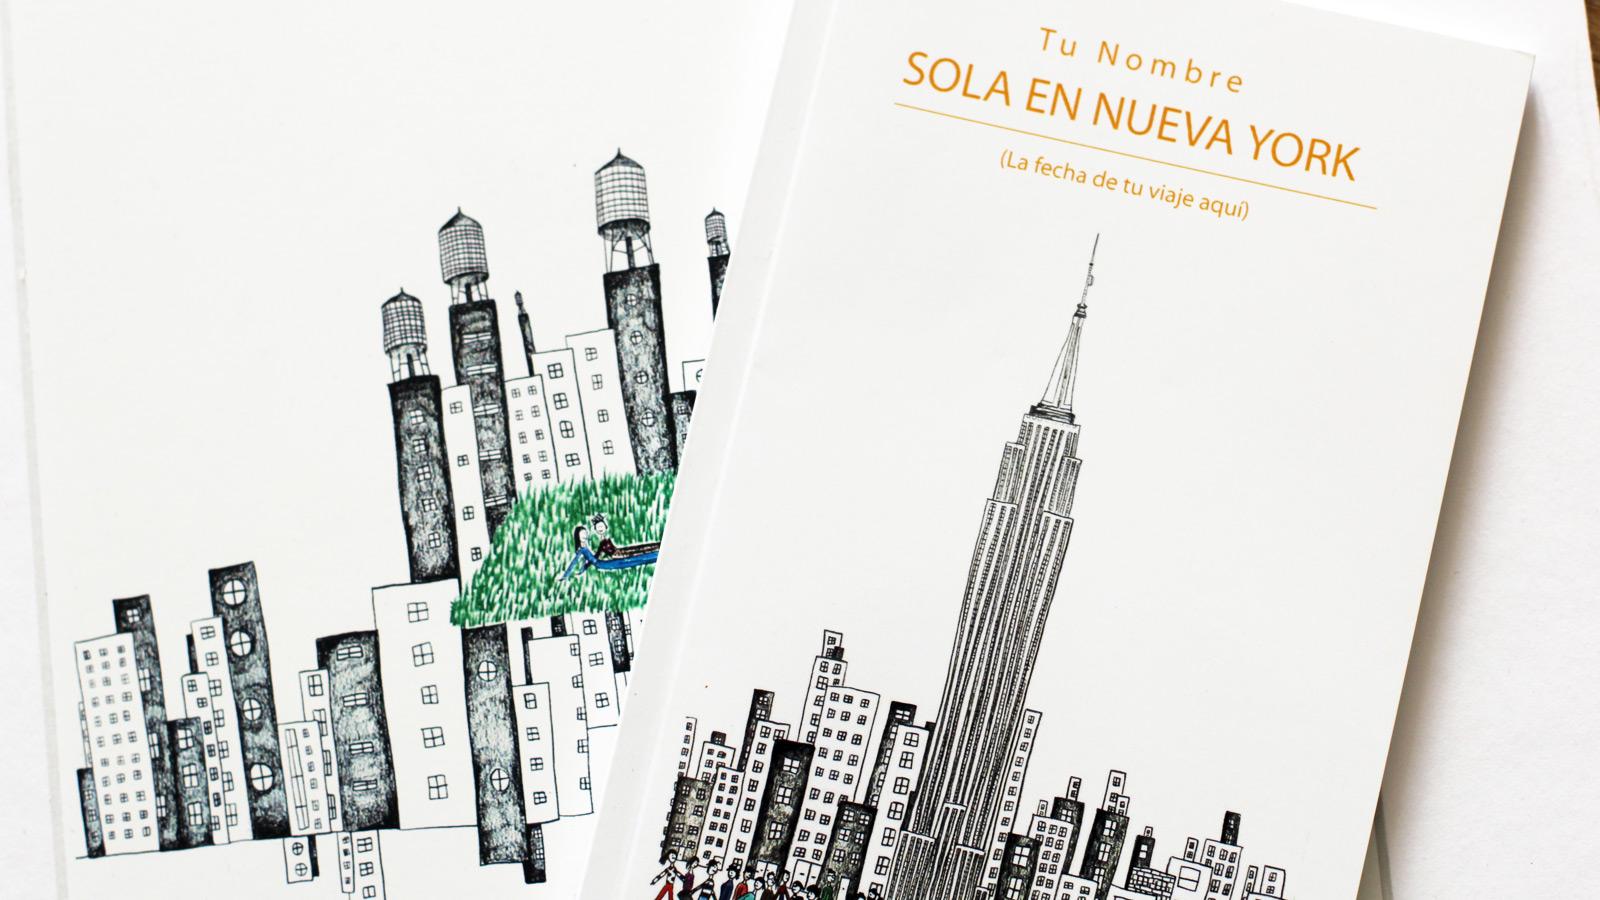 Planning de una semana en Nueva York